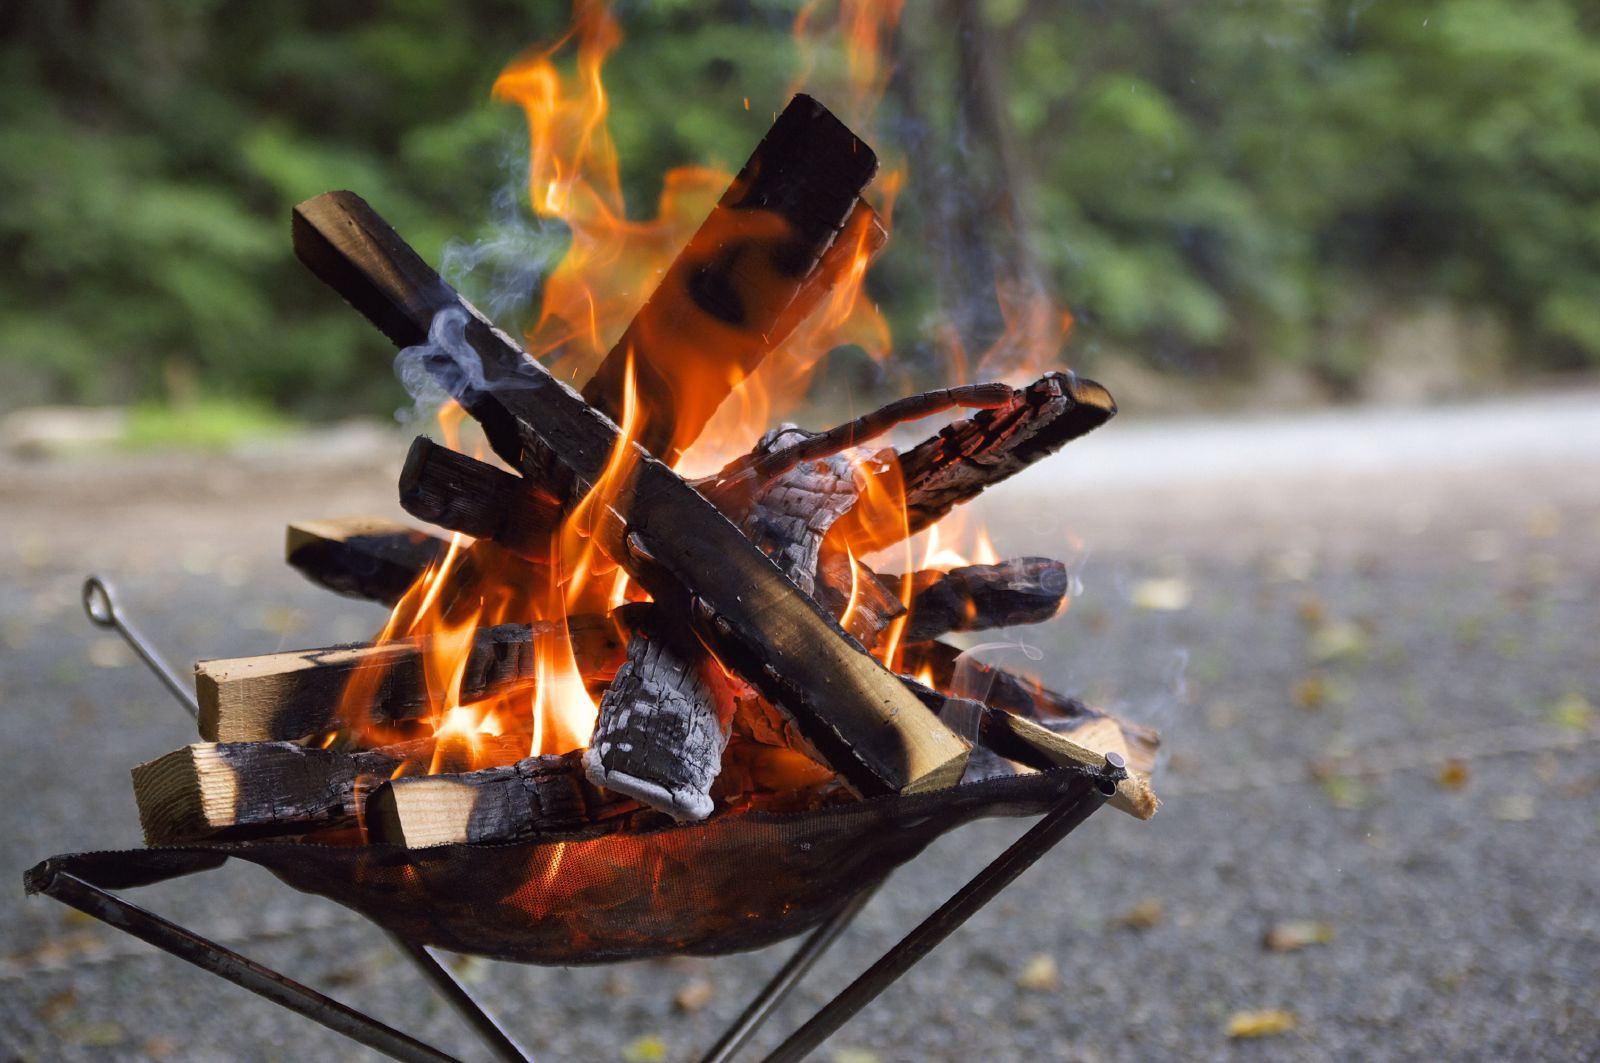 キャンプの締めくくりを最高の時間に変えてくれる極上の焚火をしよう!